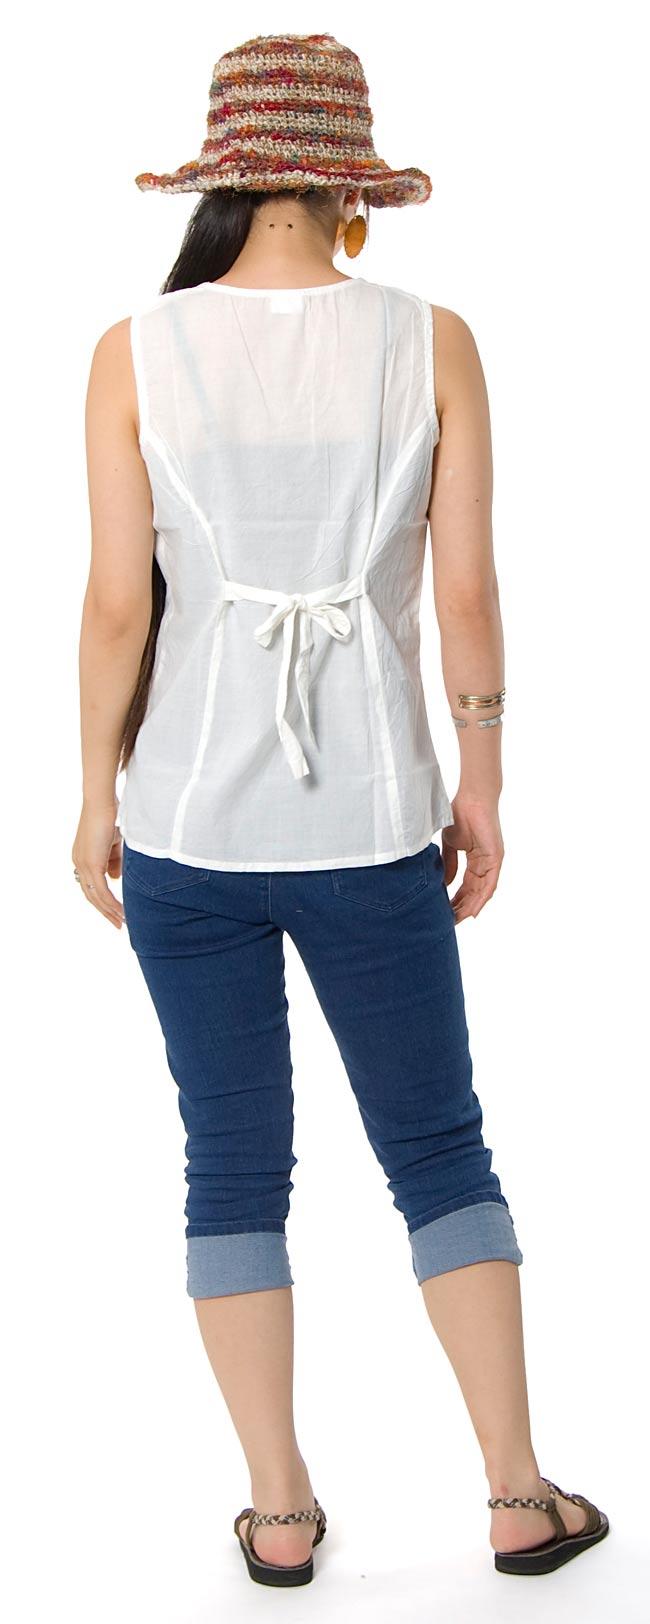 シンプル刺繍ノースリーブ 【白】2-後ろ姿はこんな感じです。\